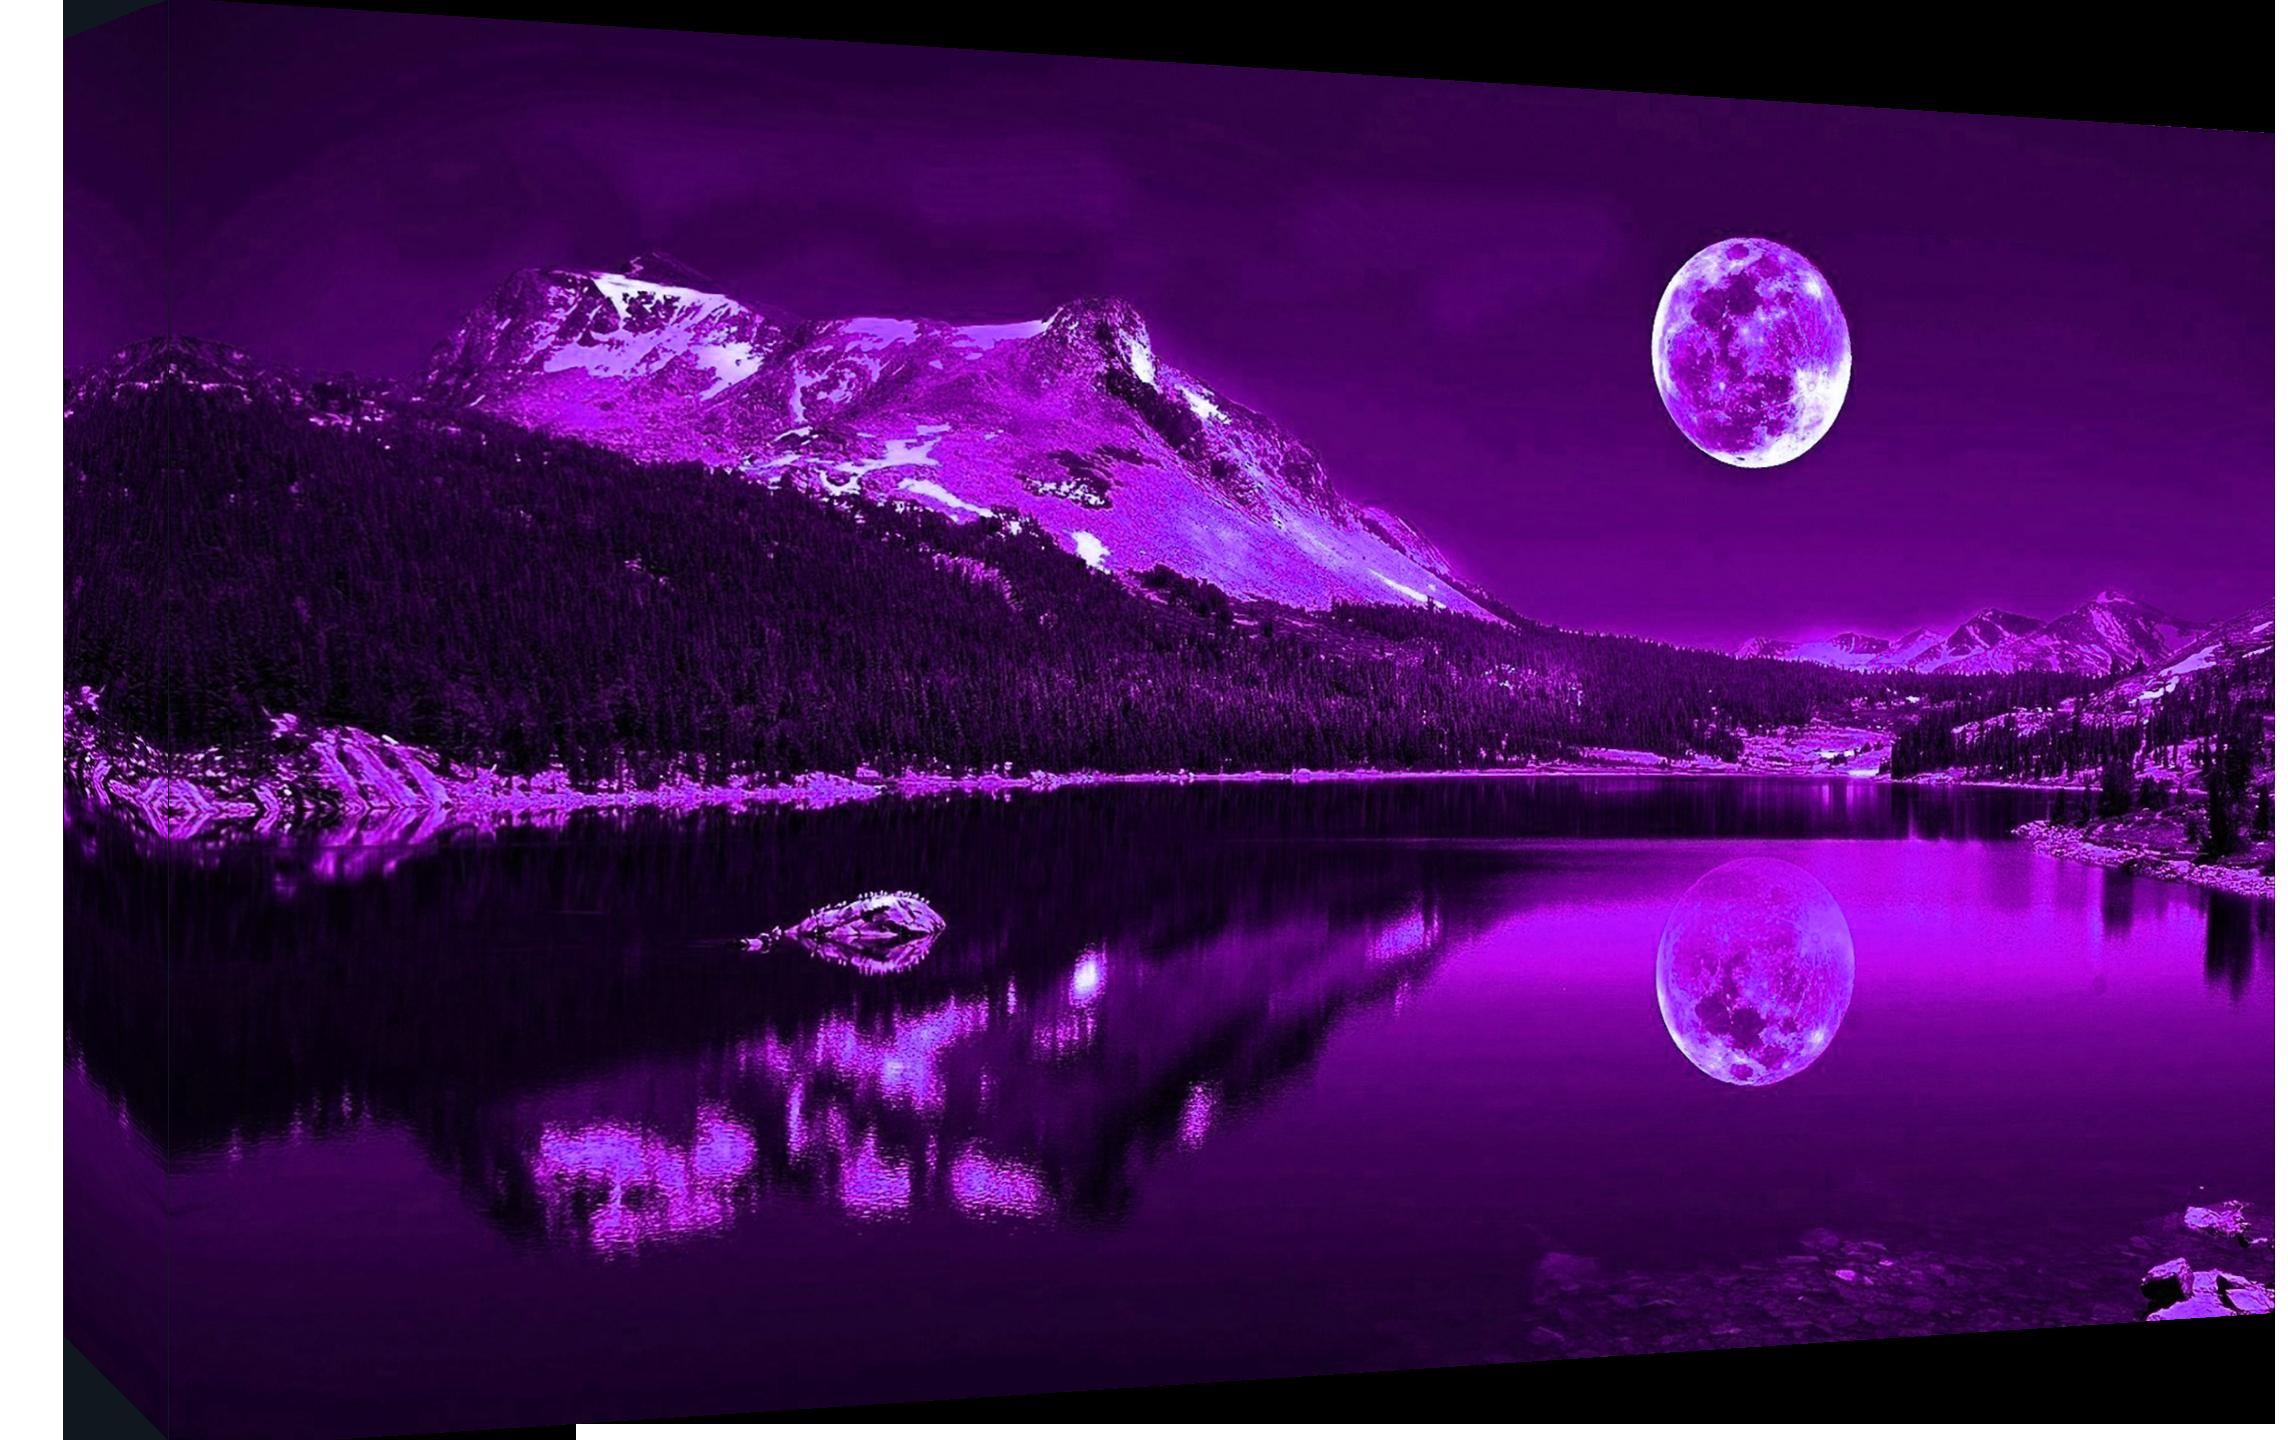 purple plum moonlit lake cotton canvas wall art picture print  a  - item specifics